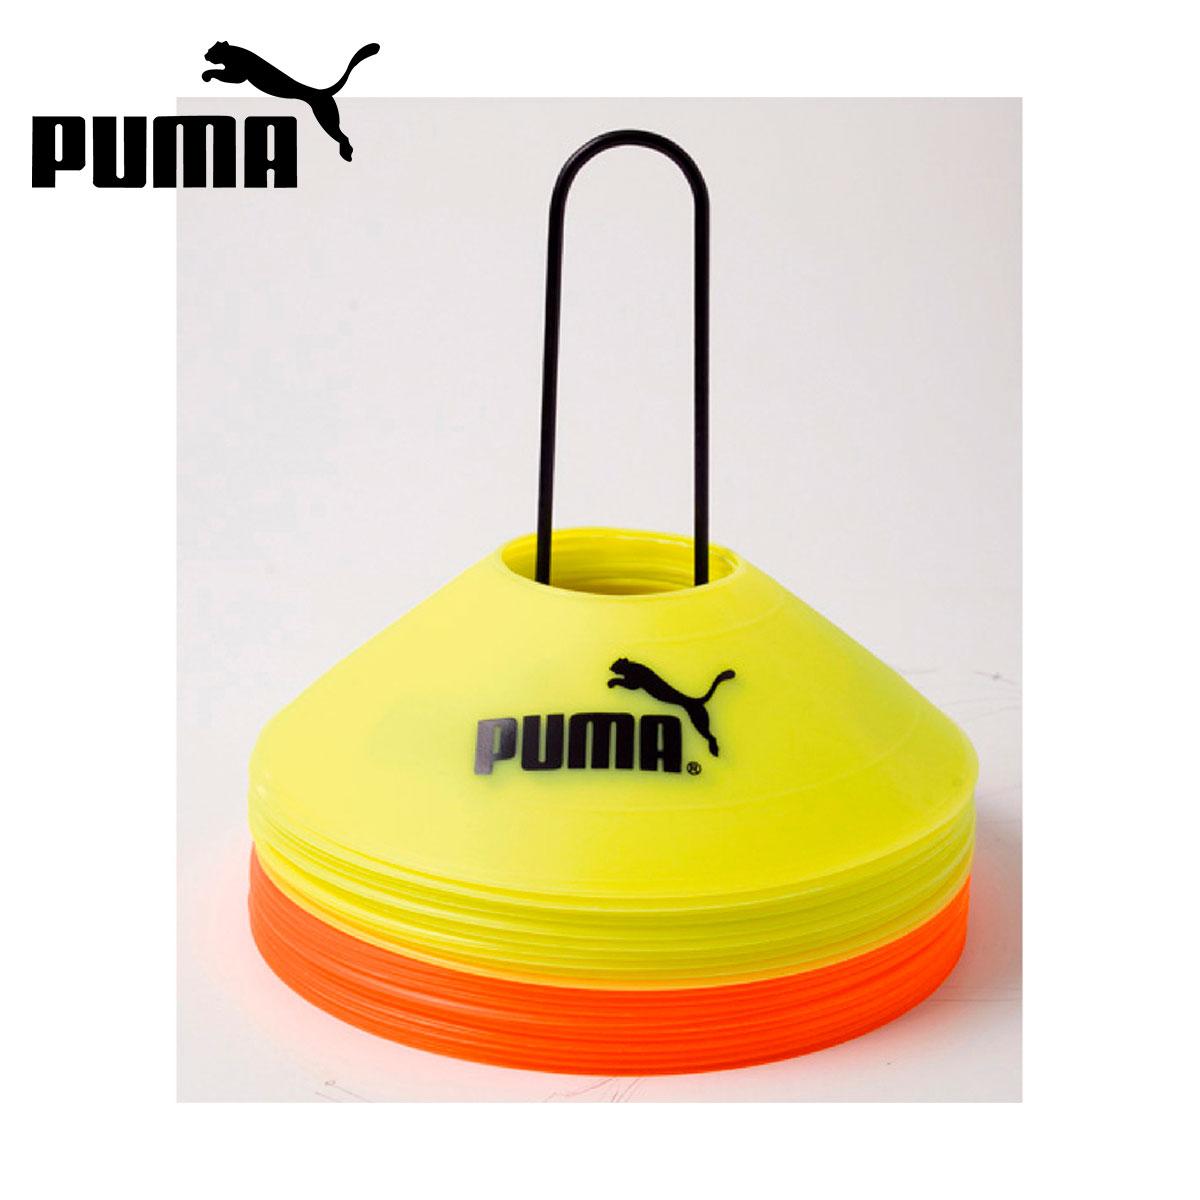 PMJ-052825 おすすめ オレンジとイエローカラーのマーカーがそれぞれ10個 計20個が1セットのトレーニング用マーカー ホルダー付 PUMA 20 サッカーマーカーコーン マーカーセット プーマ 国内正規総代理店アイテム